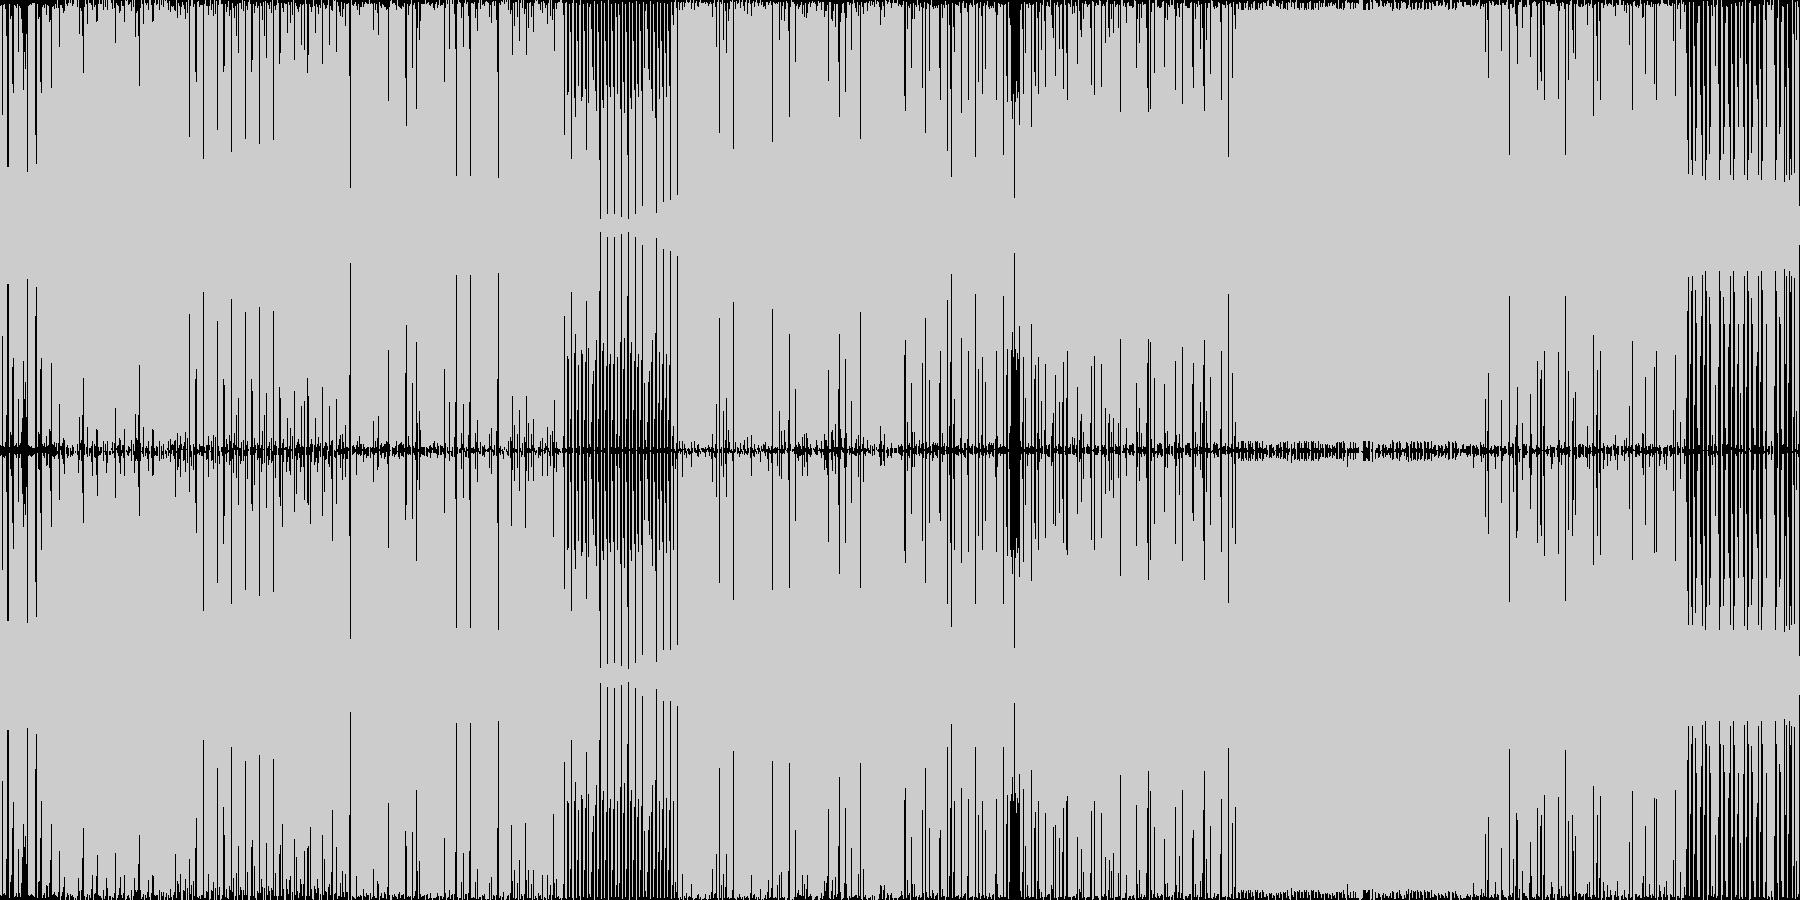 暗めでドラム音とベースが多めの曲ですの未再生の波形